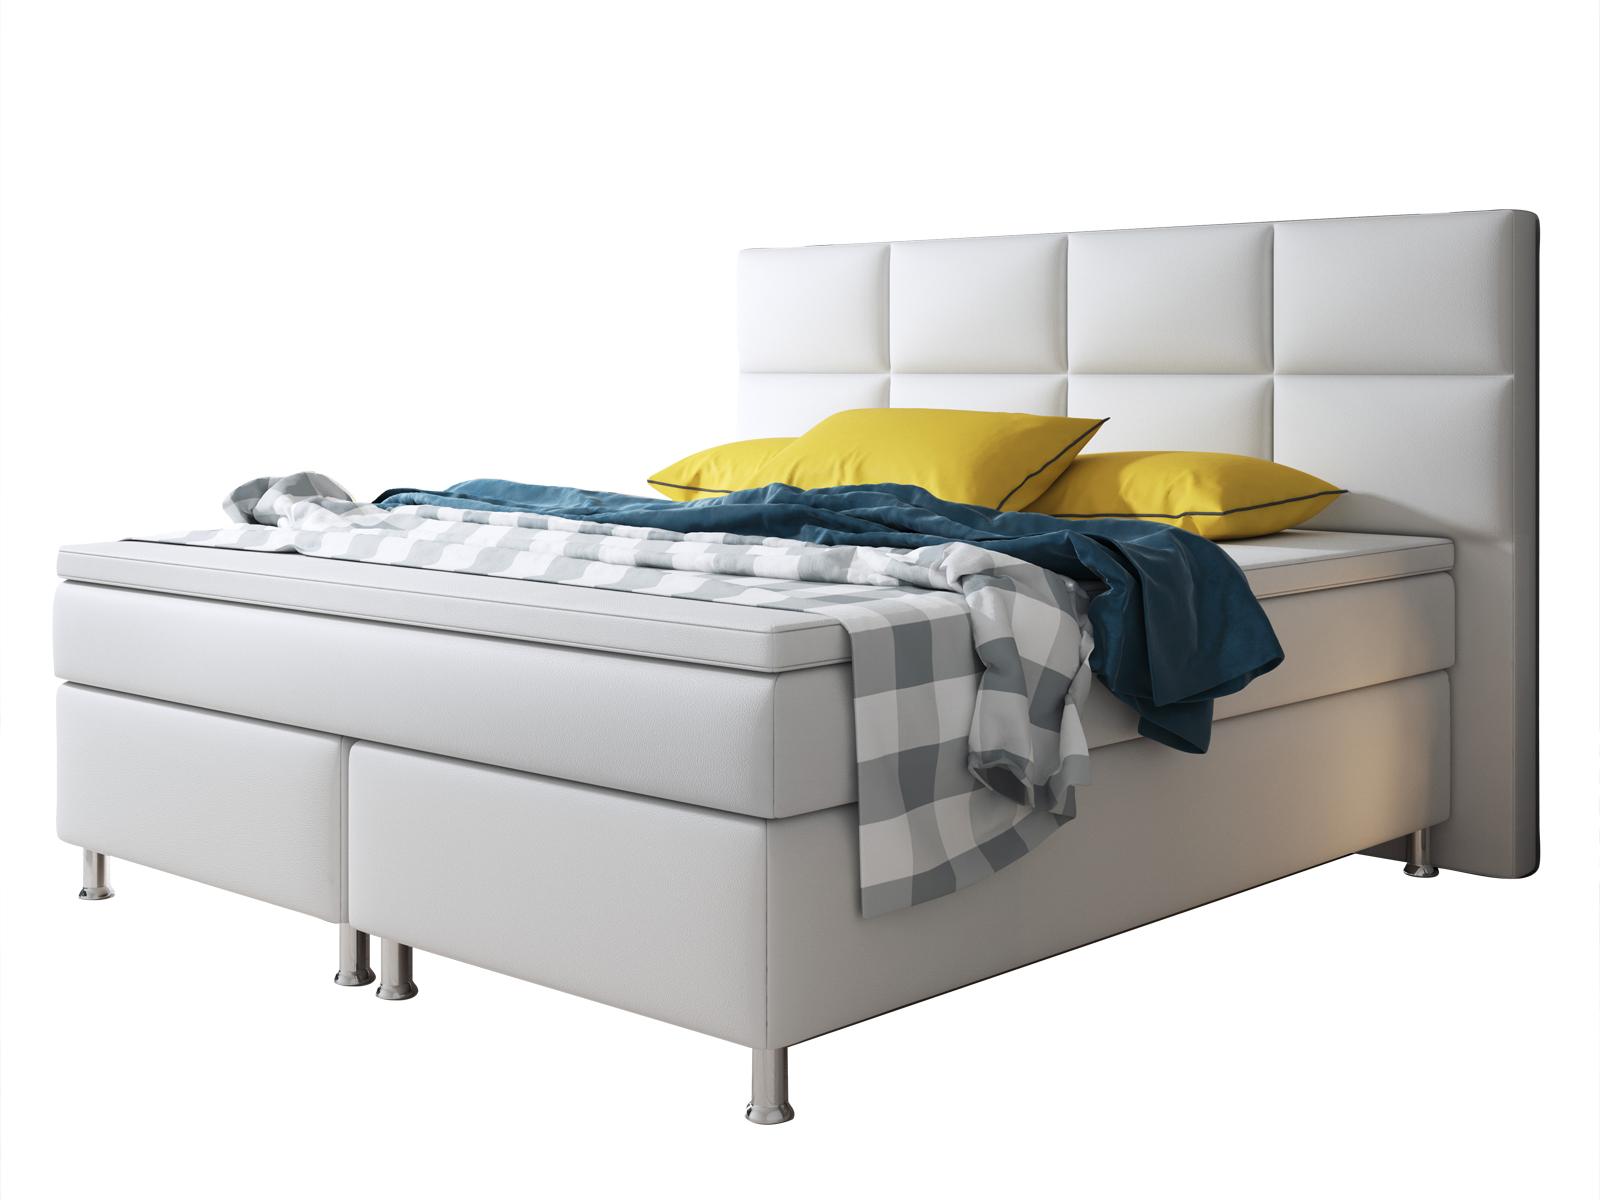 boxspringbett miami mit bettkasten 180x200 cm kunstleder wei schlafen boxspringbetten. Black Bedroom Furniture Sets. Home Design Ideas